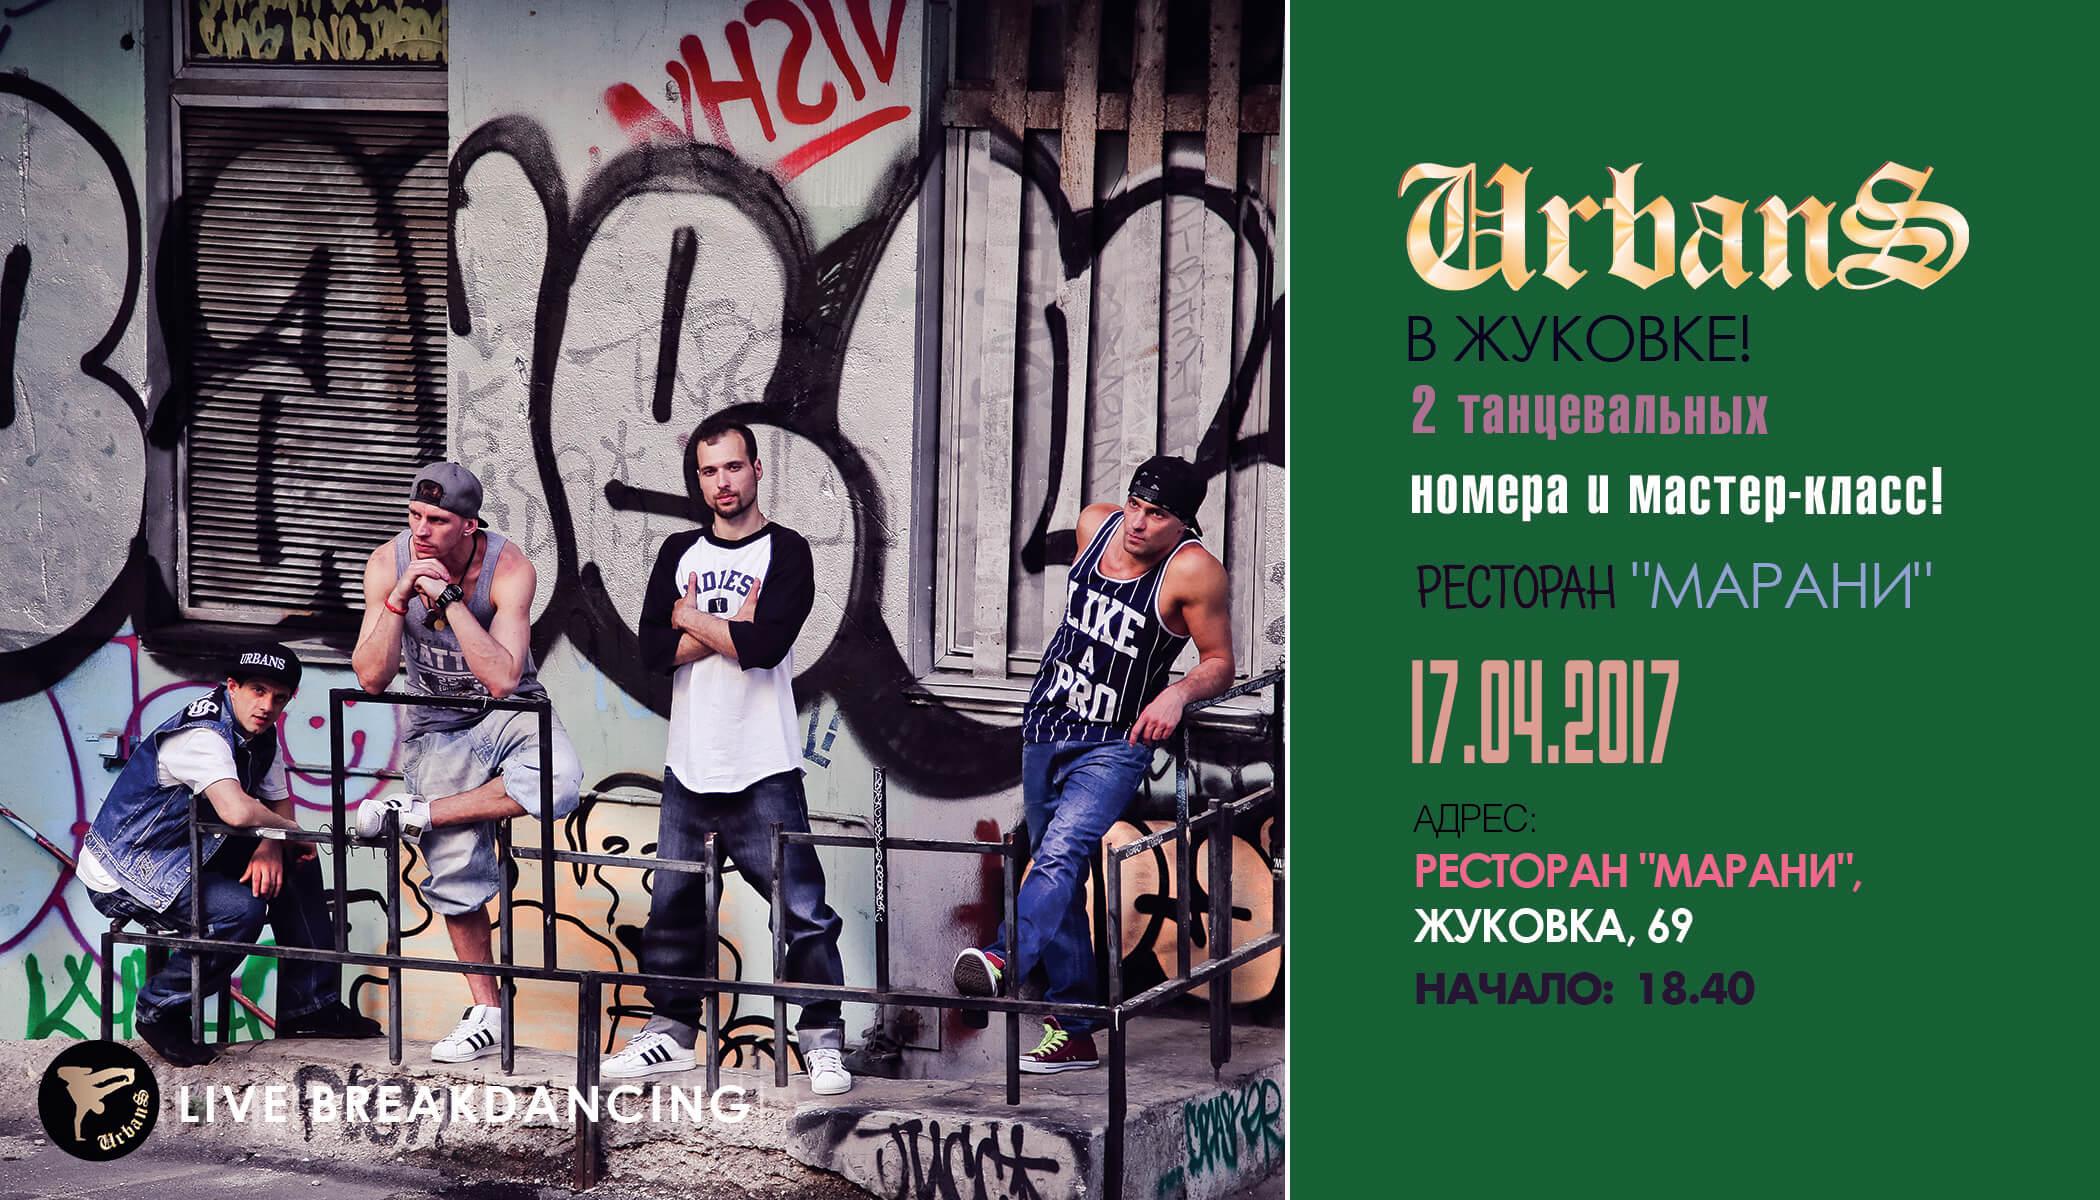 2 танцевальных номера и мастер-класс в Жуковке, ресторан Марани